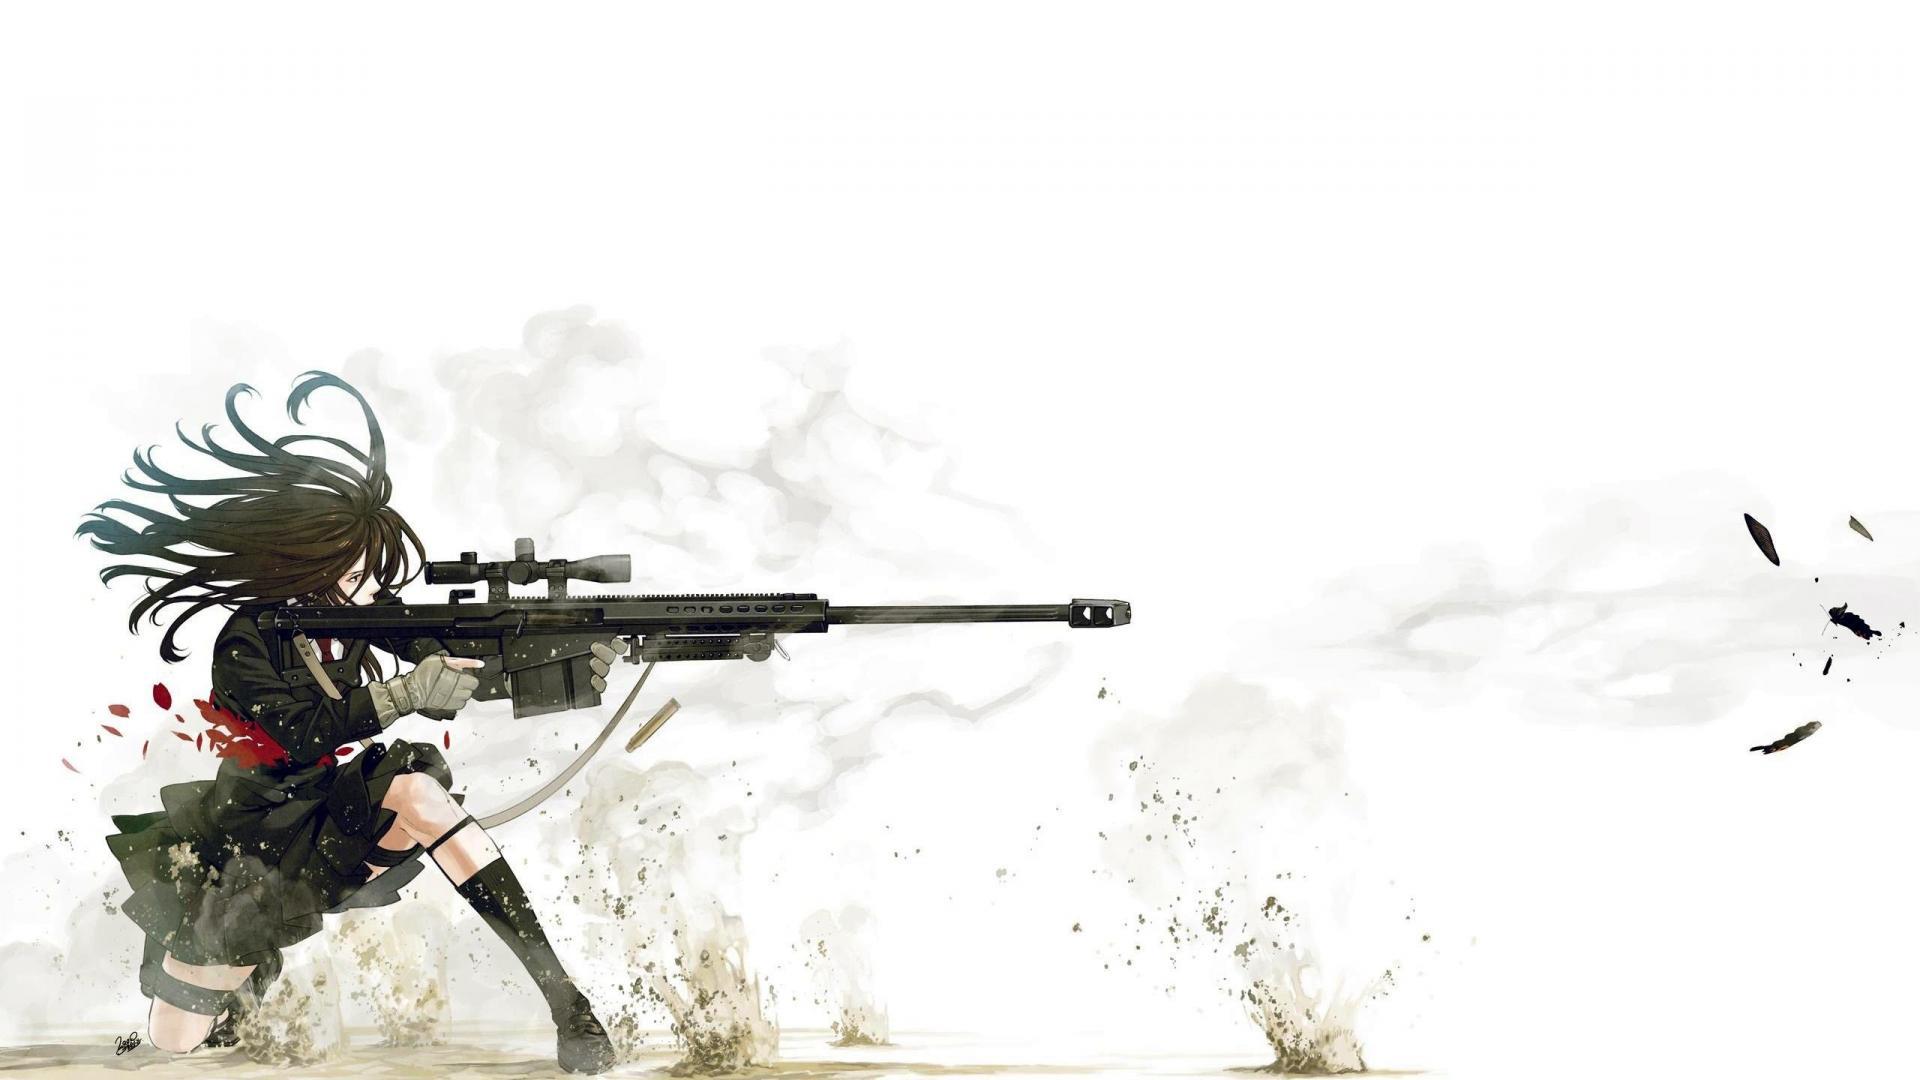 Sniper wallpaper image delta33 mod db - Anime war wallpaper ...